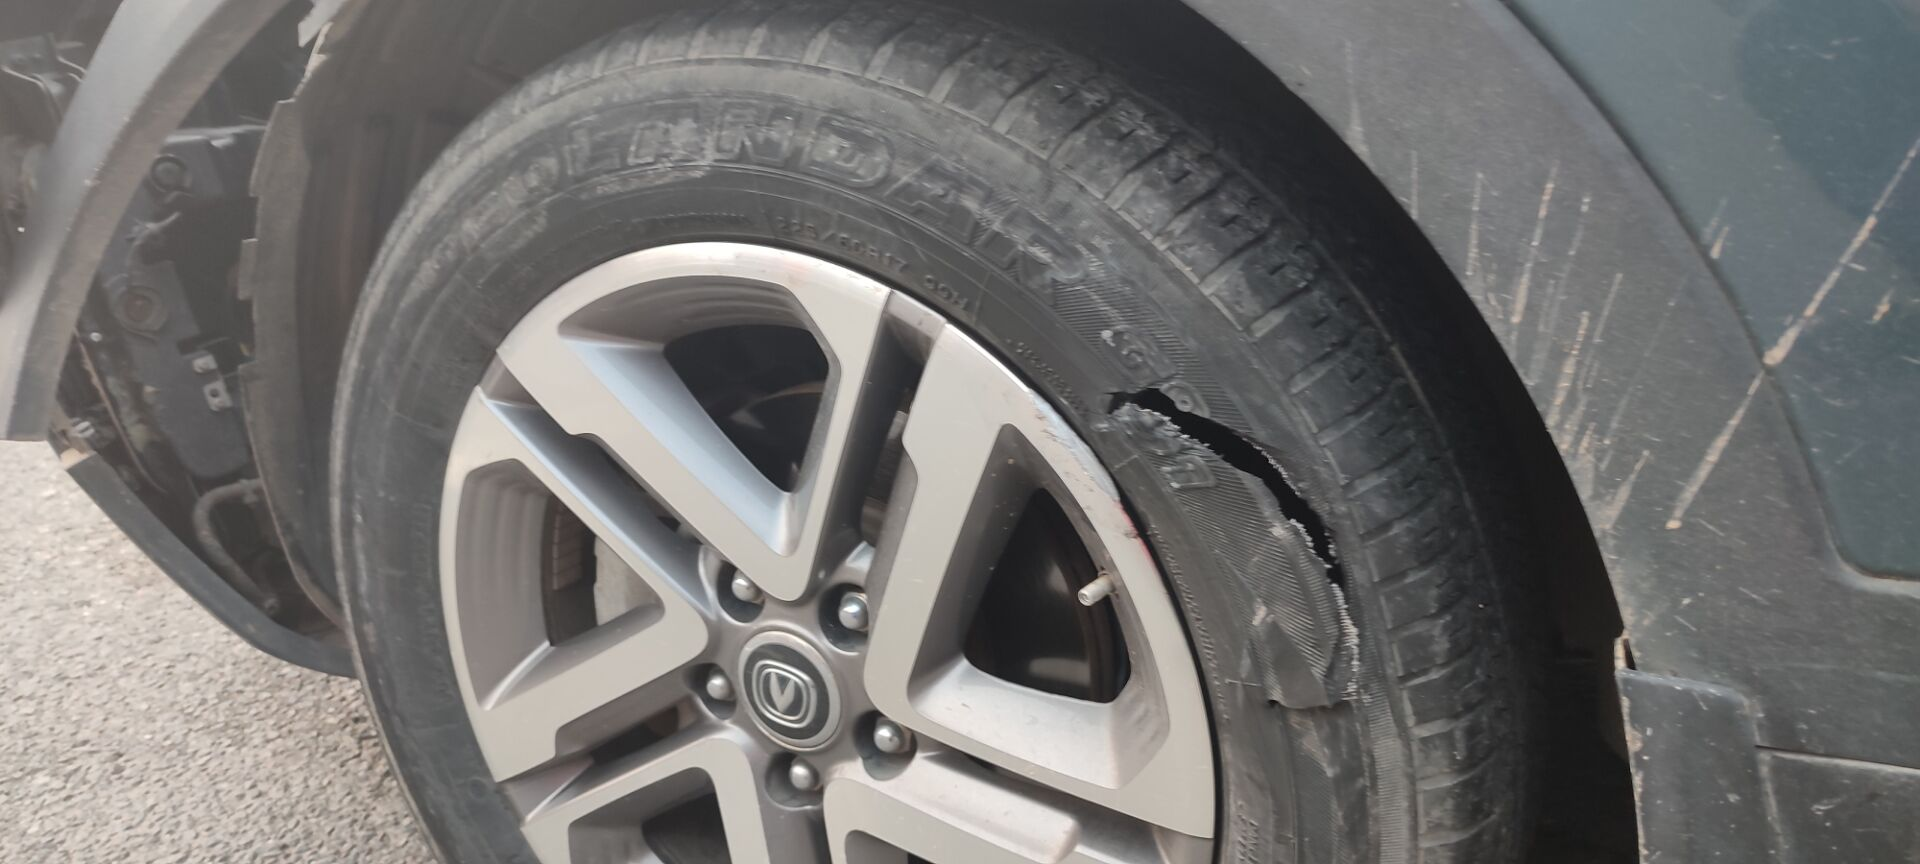 長安汽車CS55車輛出嚴重事故,但安全氣囊因存在質量問題沒彈起